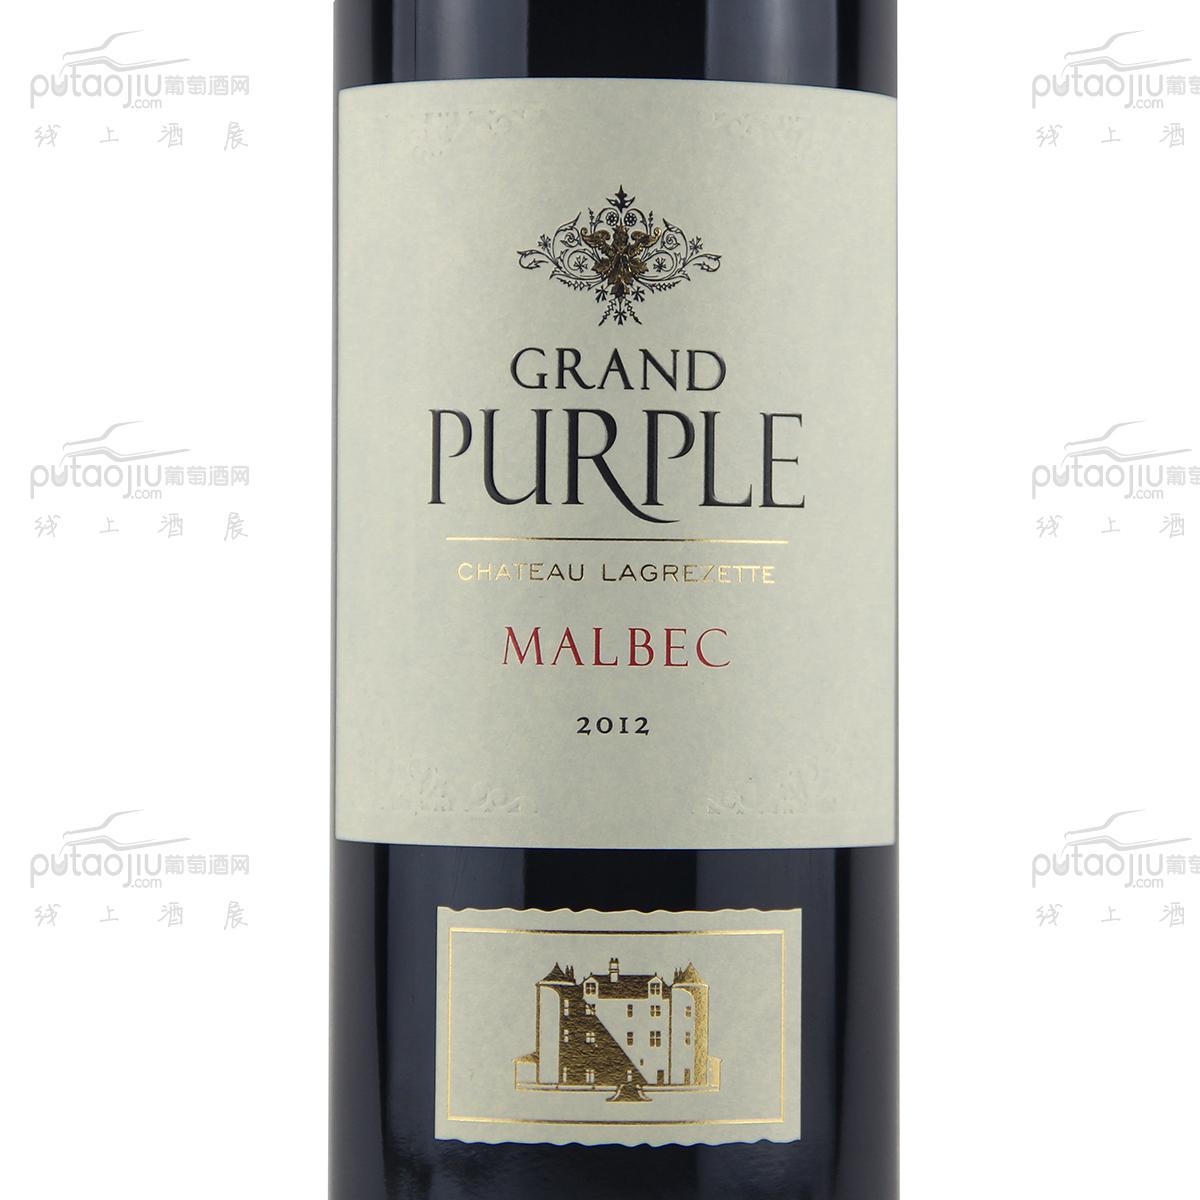 法国卡奥尔拉格雷泽庄园梅洛马尔贝克紫气特酿干红葡萄酒